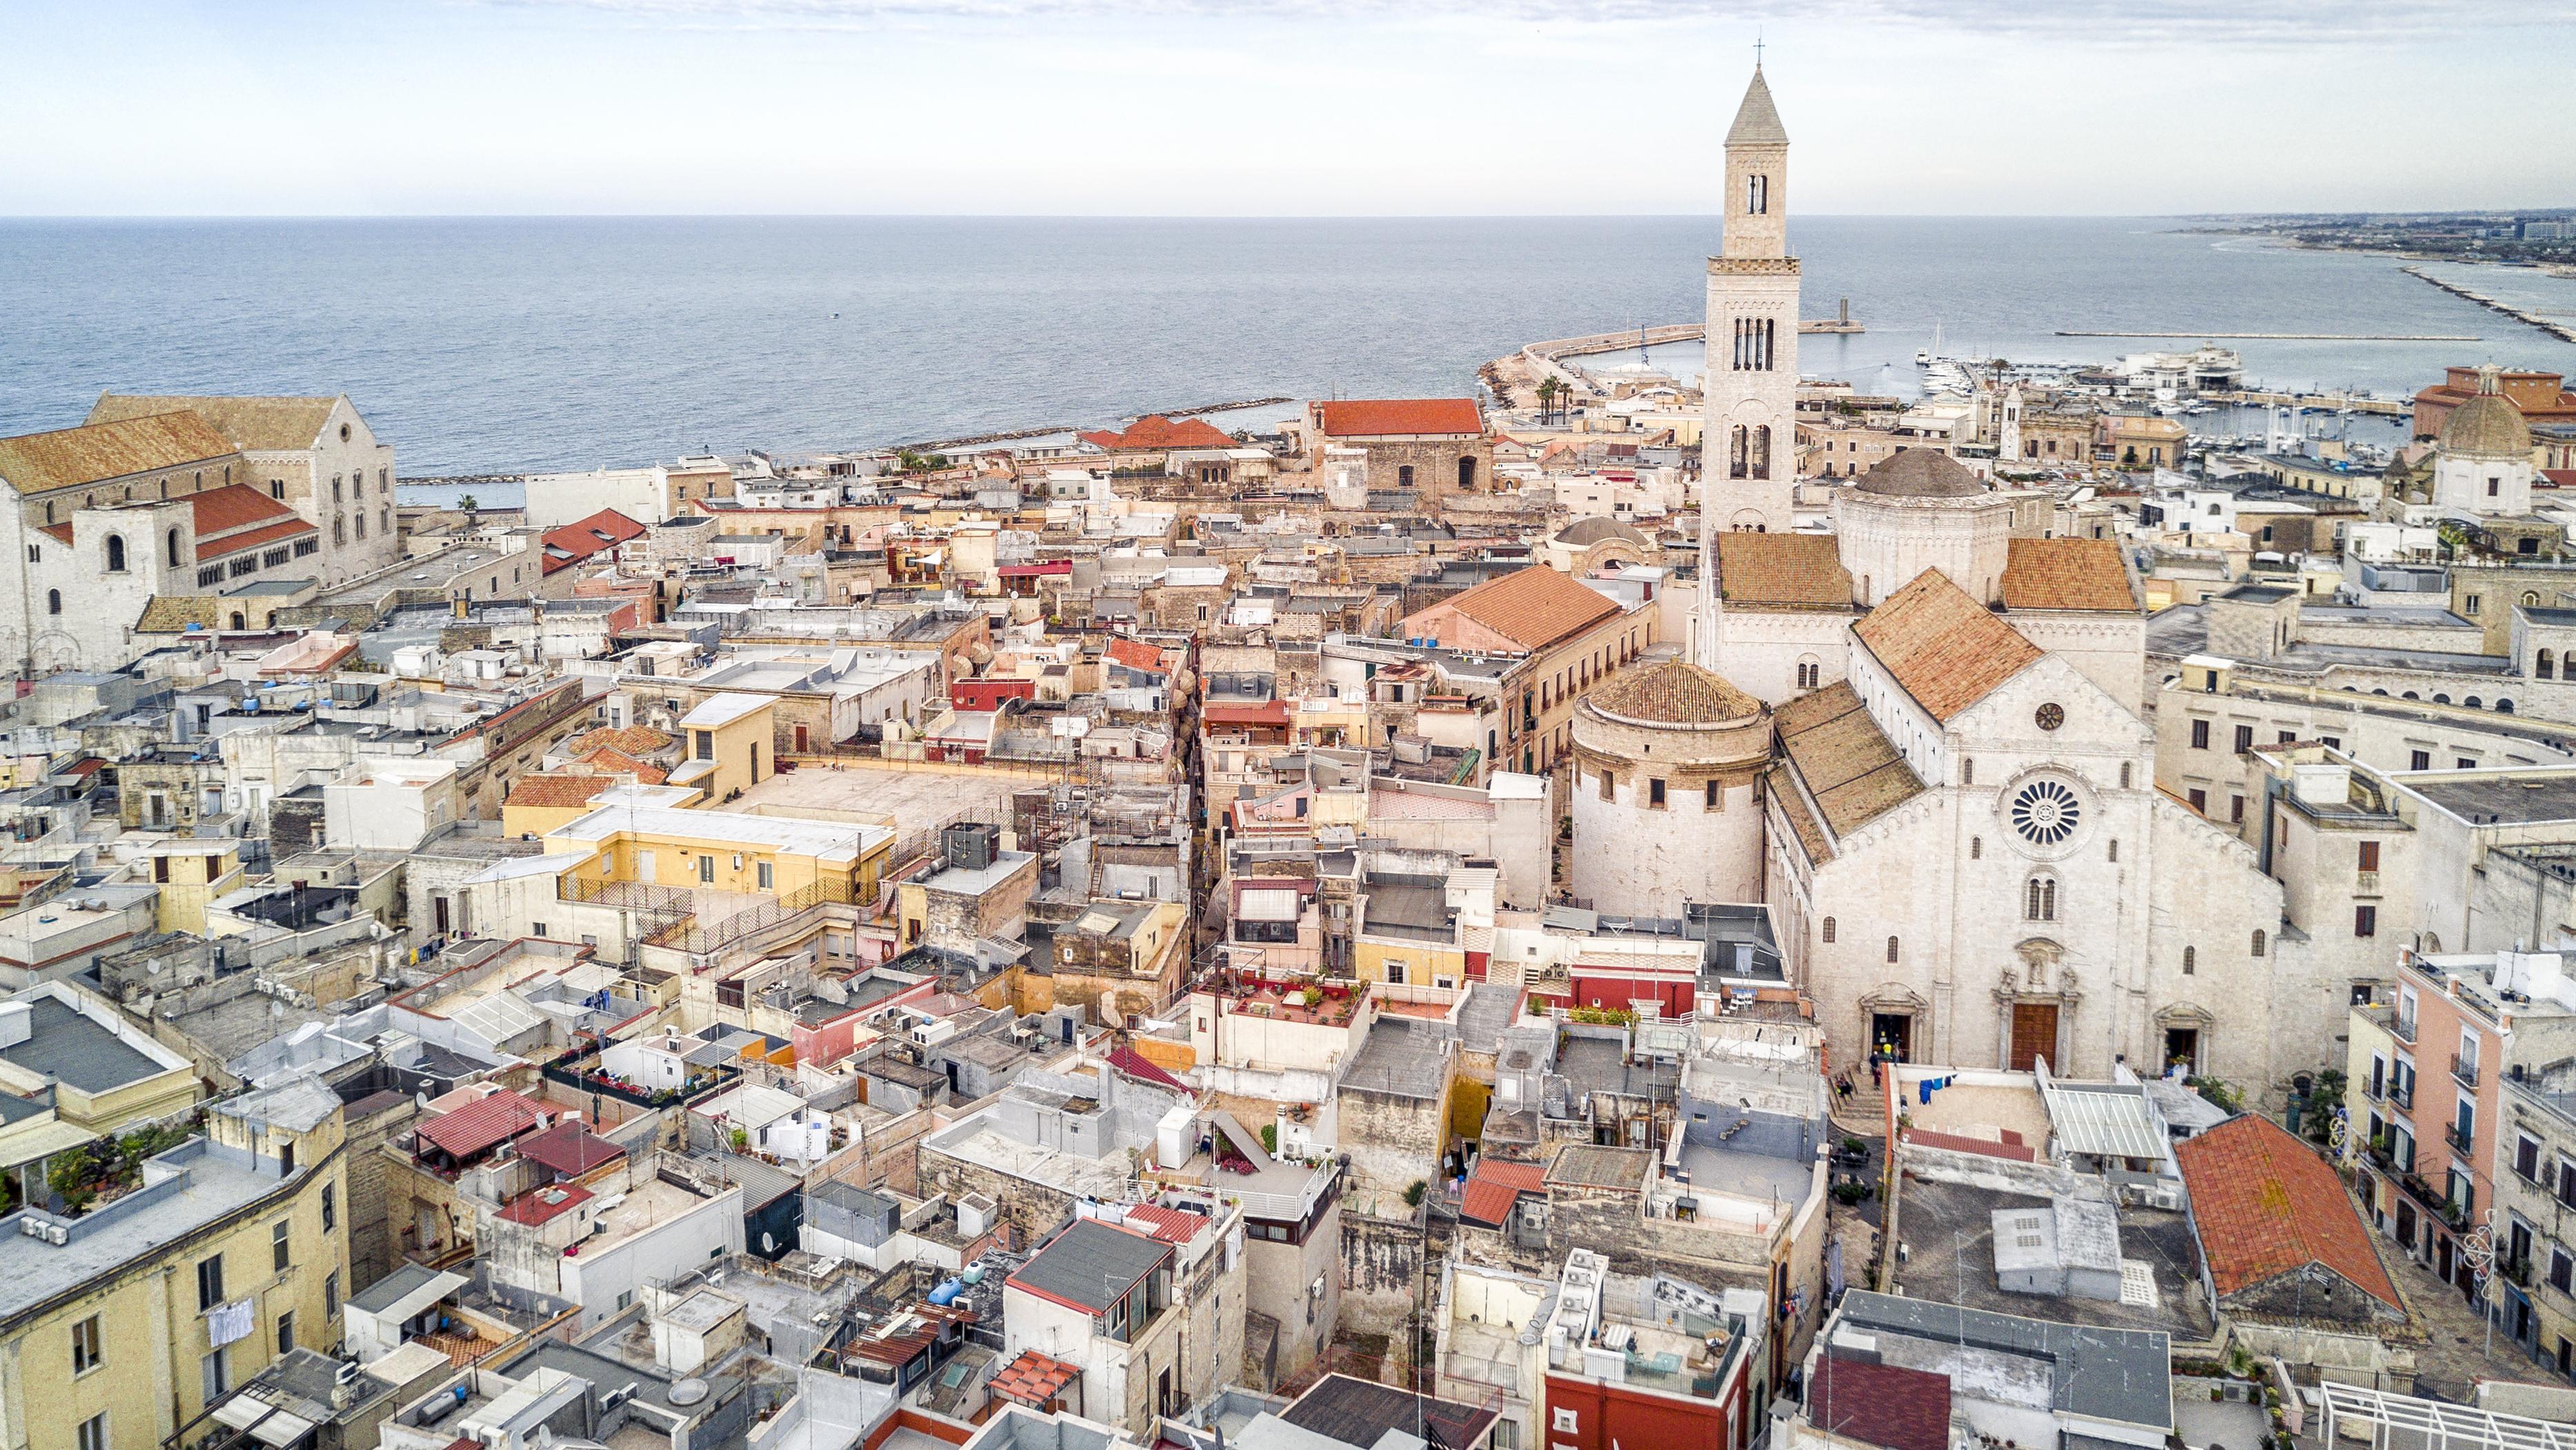 Bari I Okolice Atrakcje Co Zobaczyć Plaże Lokalna